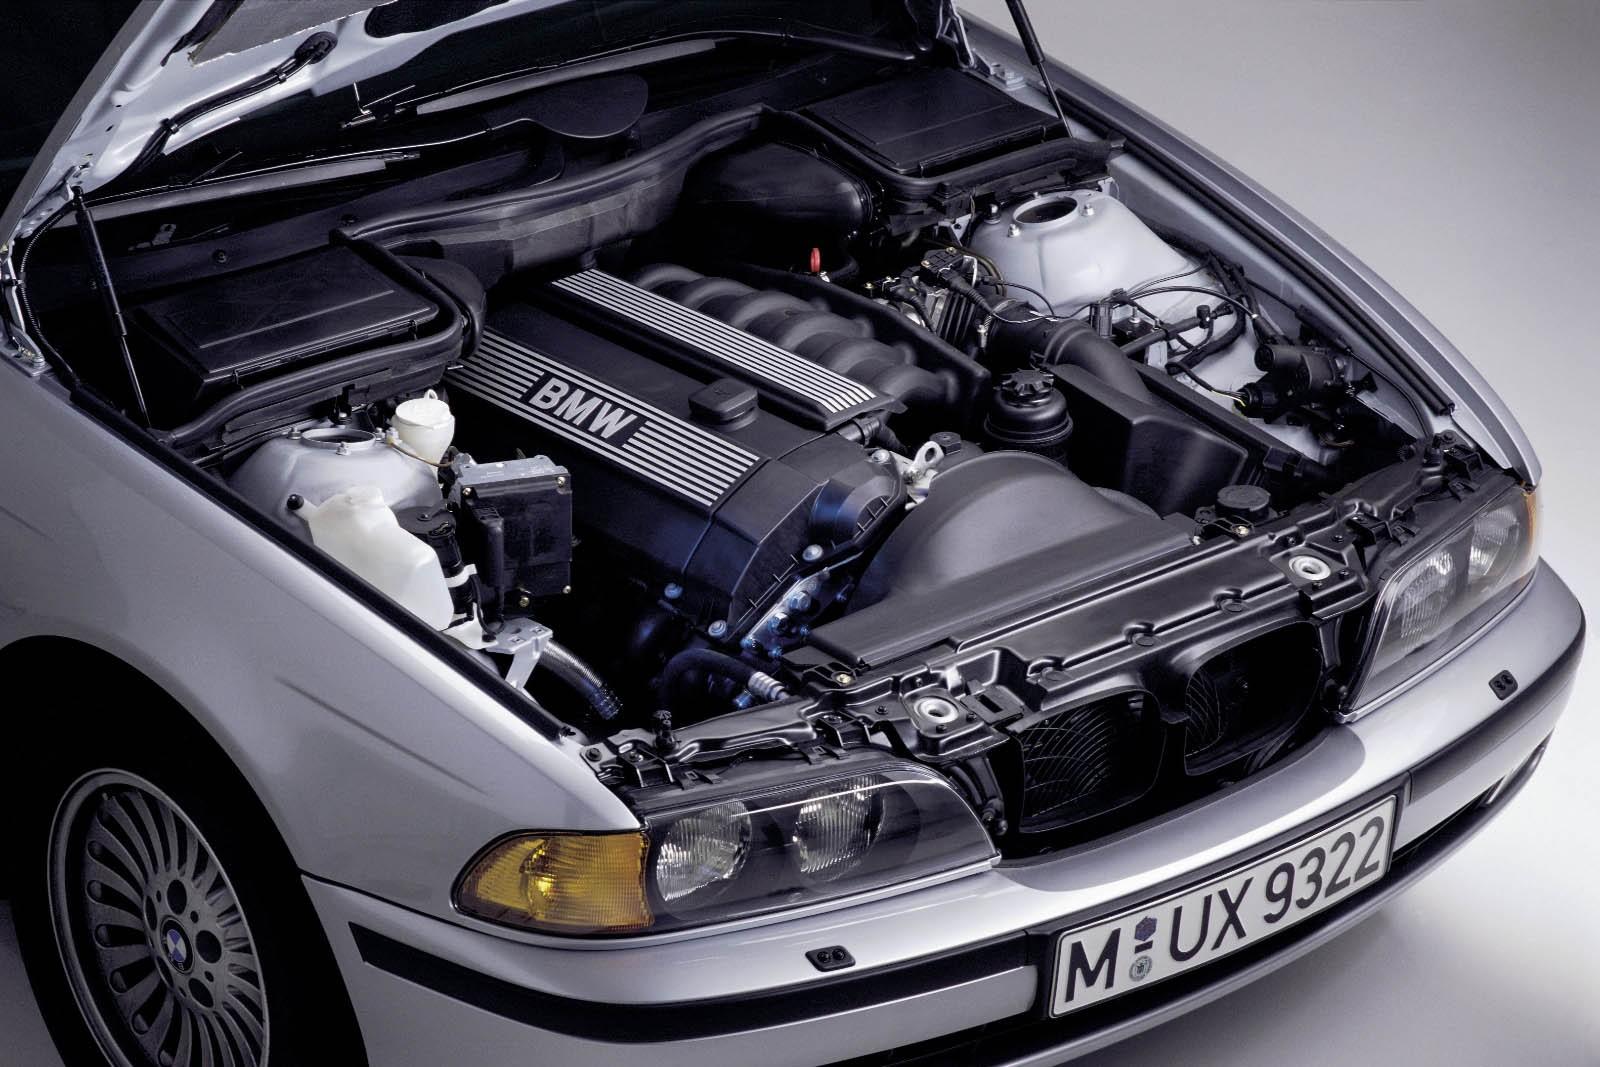 Ангельские глазки, российская сборка и заводская броня: мифы и факты о BMW 5 series E39